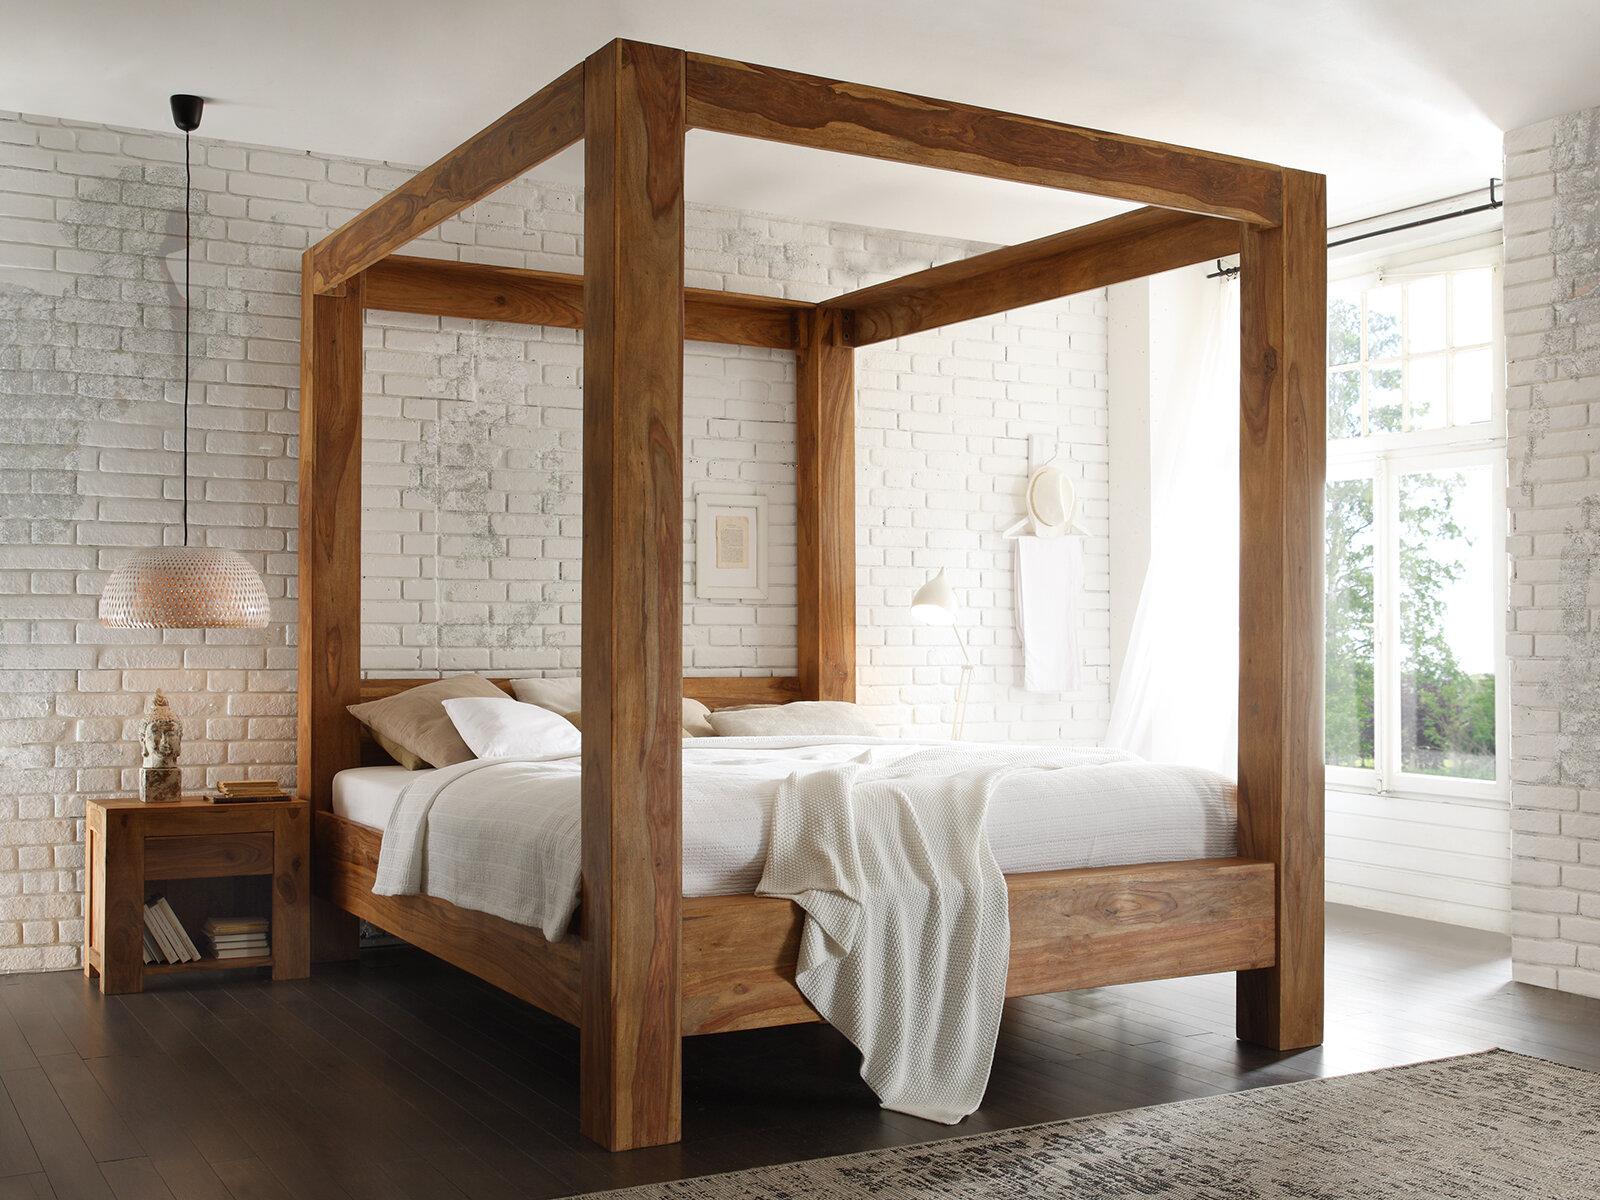 Massivum 2-tlg. Schlafzimmer-Set Stark, 180 x 200 cm | Wayfair.de